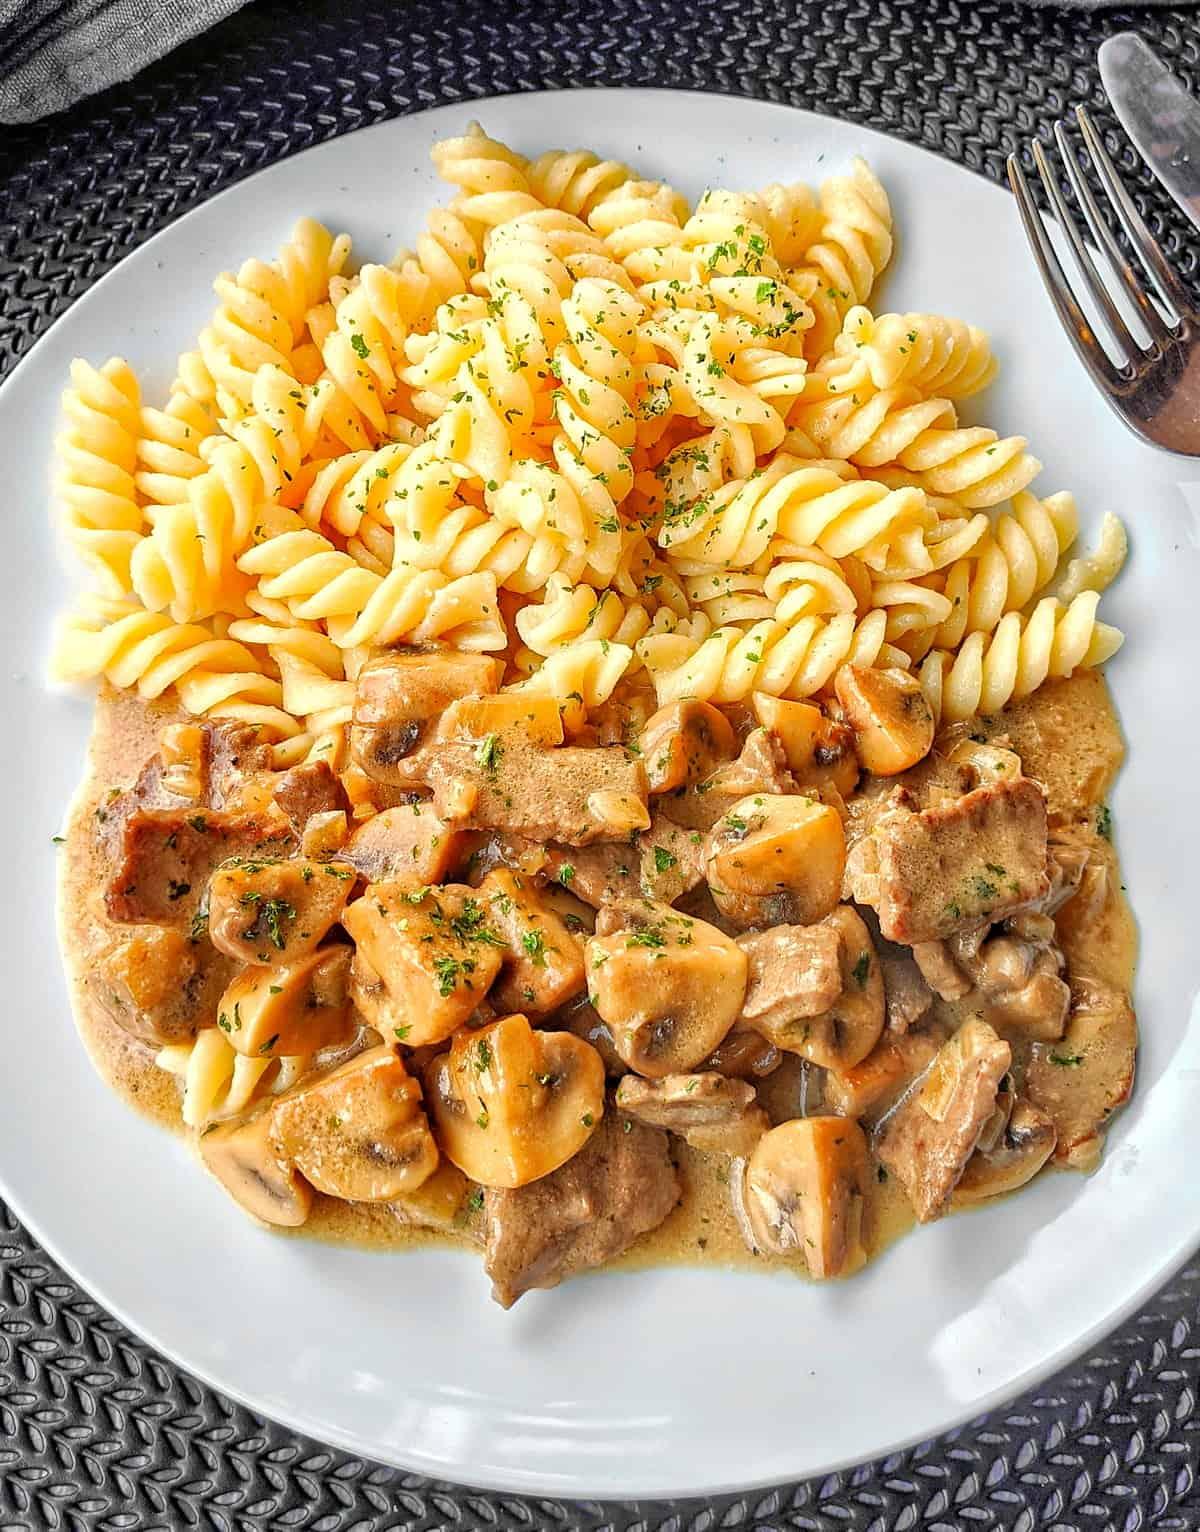 Ein weisser Teller mit Rindergeschnetzeltem in Pilzrahmsoße und Nudeln.